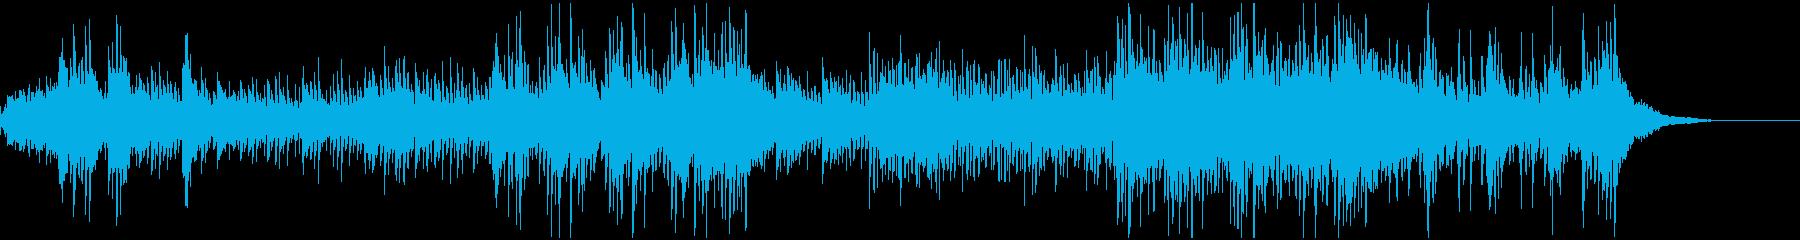 用心深い雰囲気のサウンドスケープ。...の再生済みの波形